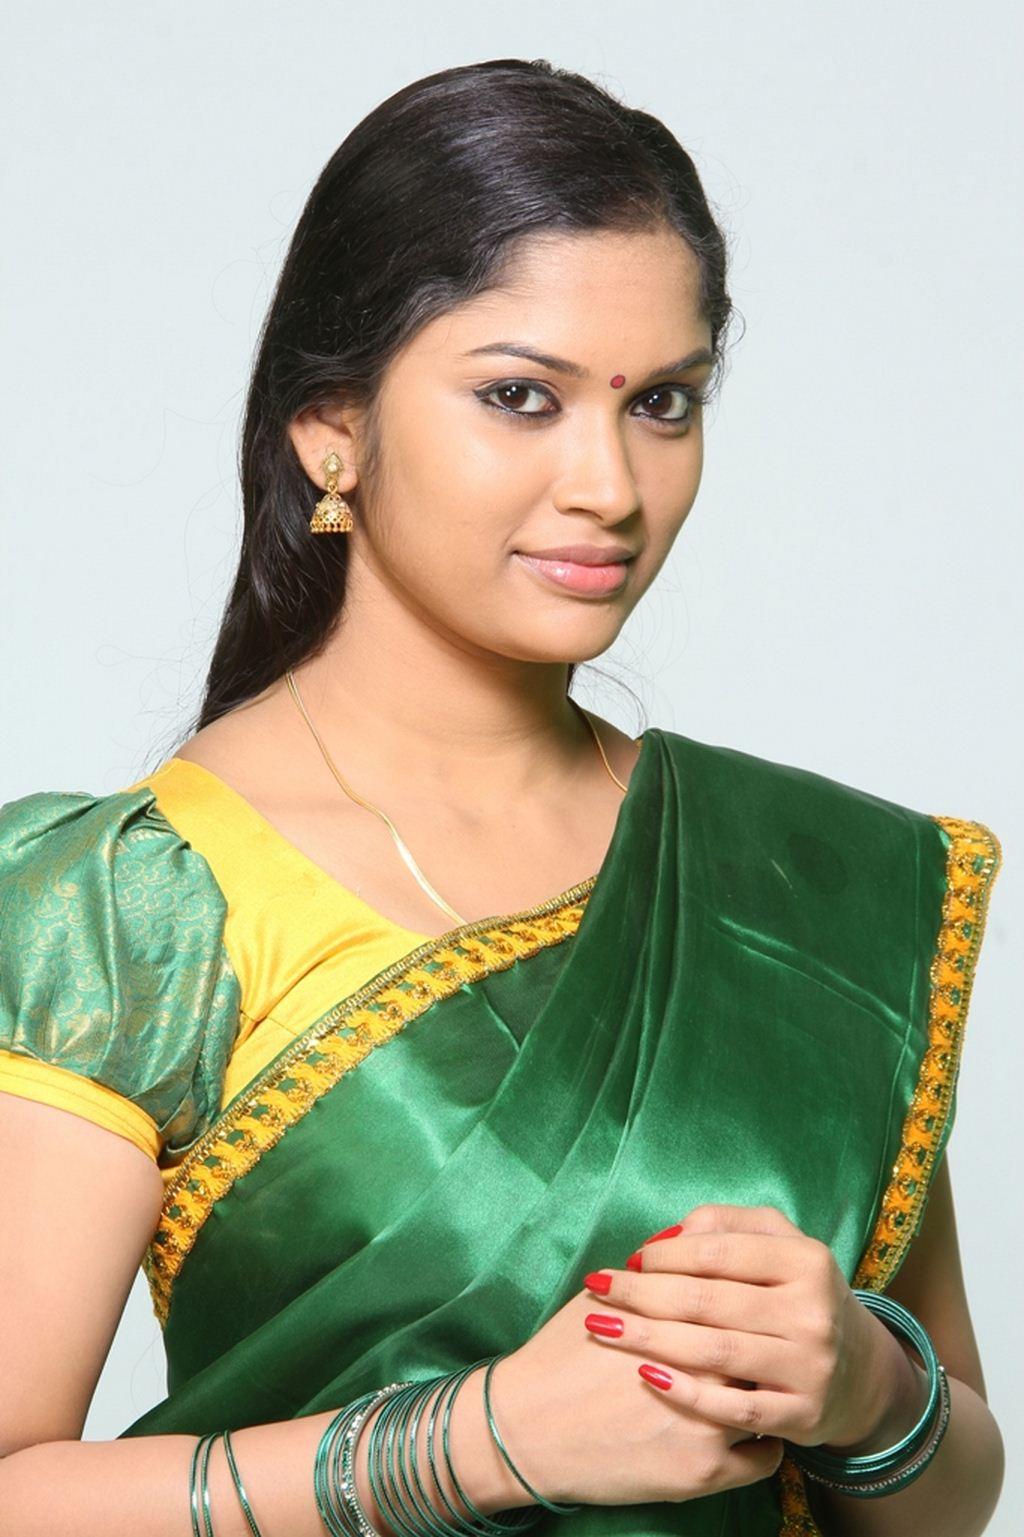 Tamil Hot Actress Hot Photos: Priyanka Trivedi (Tamil Hot